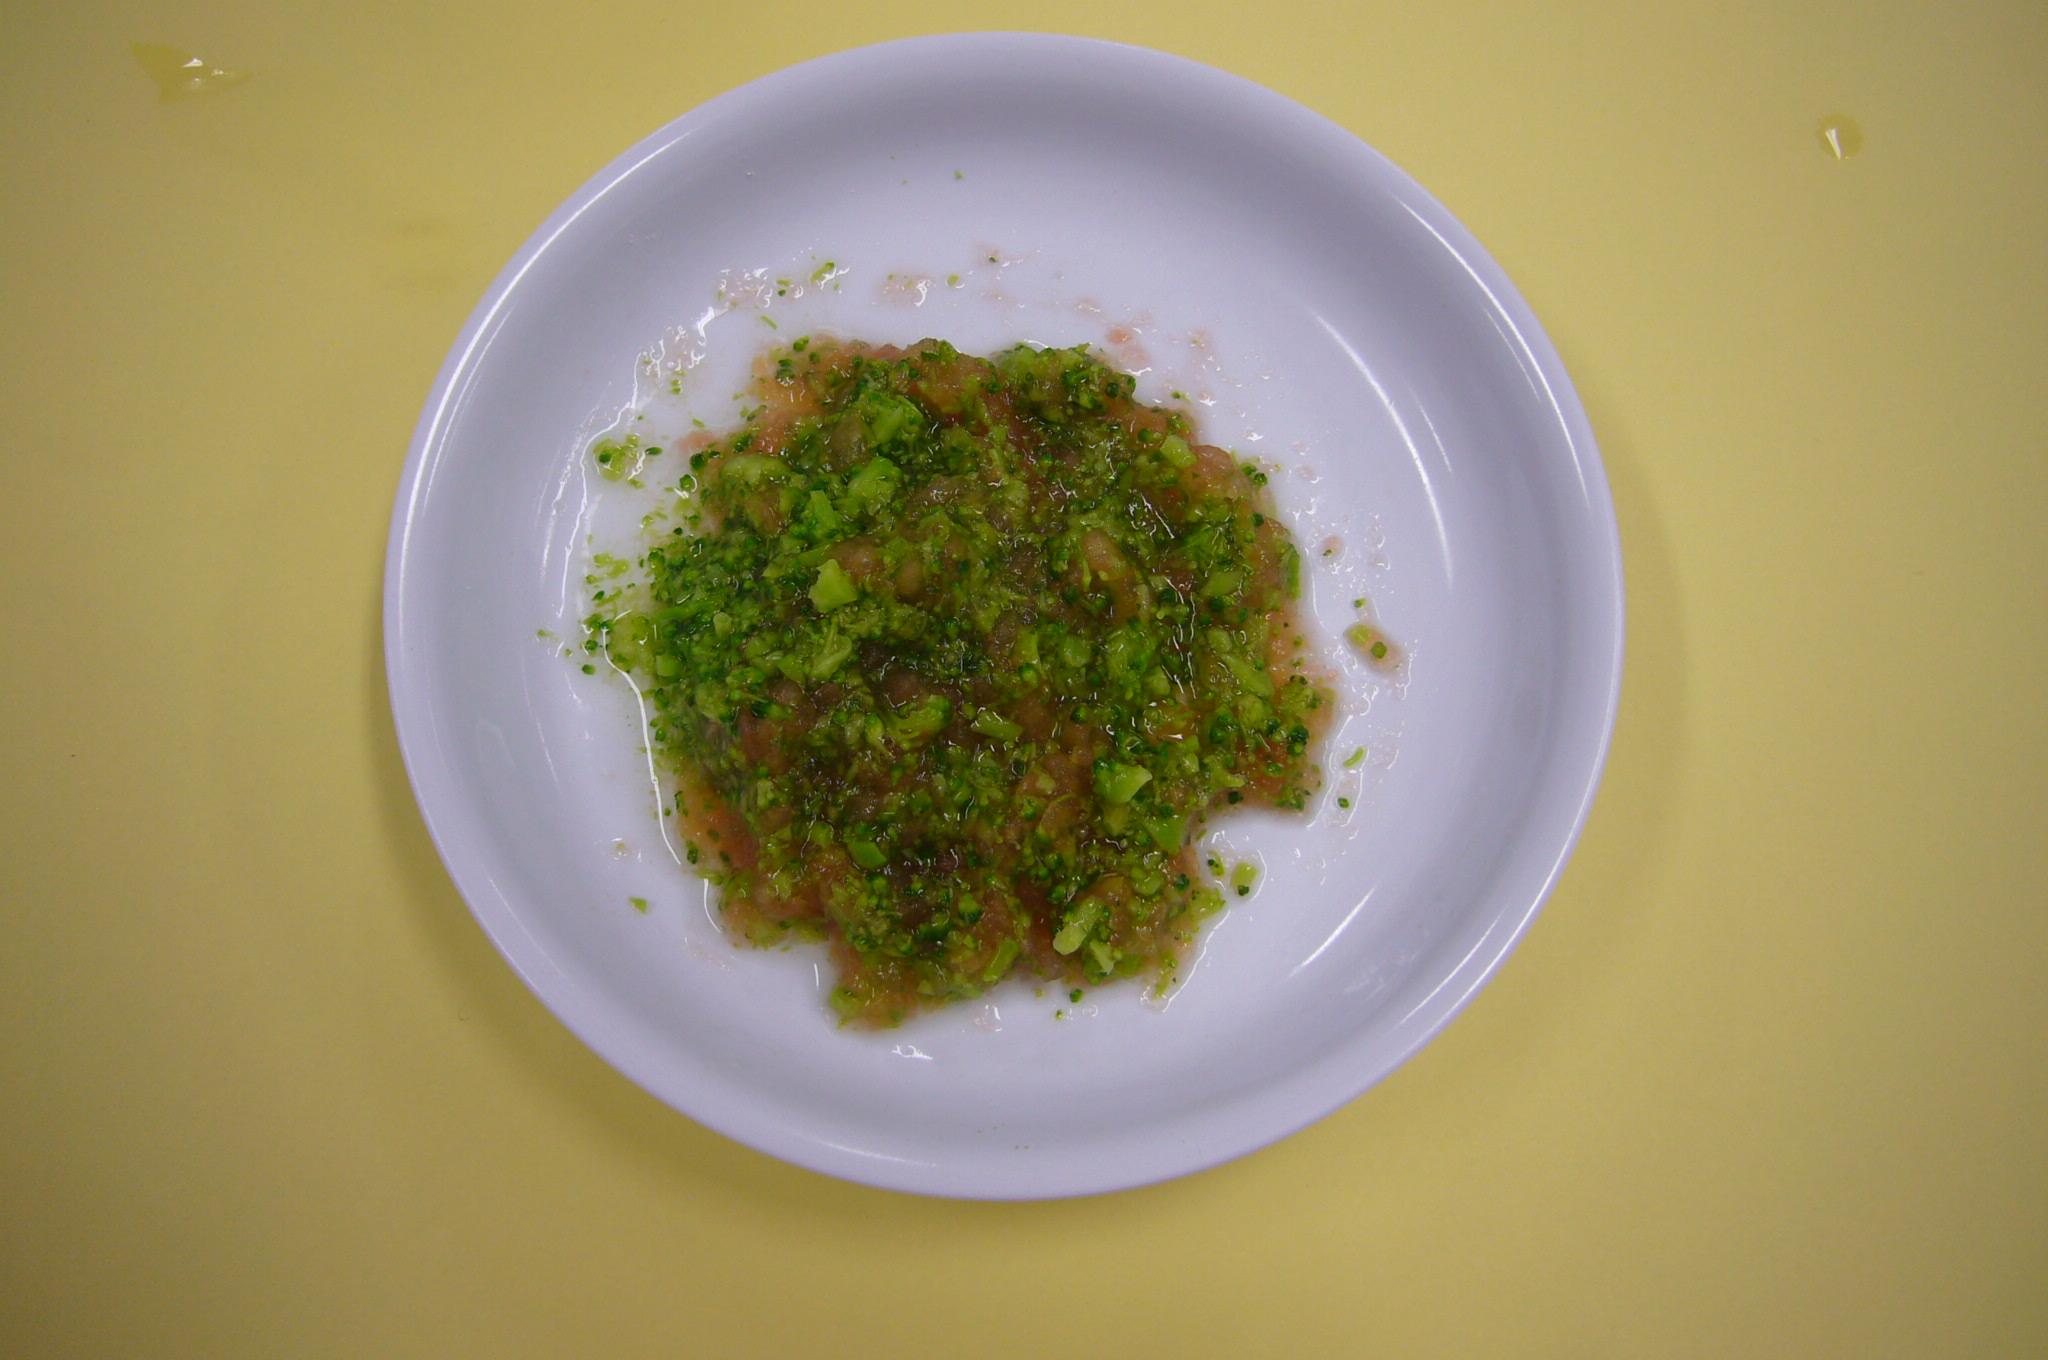 ブロッコリーとトマトのサラダ(大人からの取り分けメニュー)